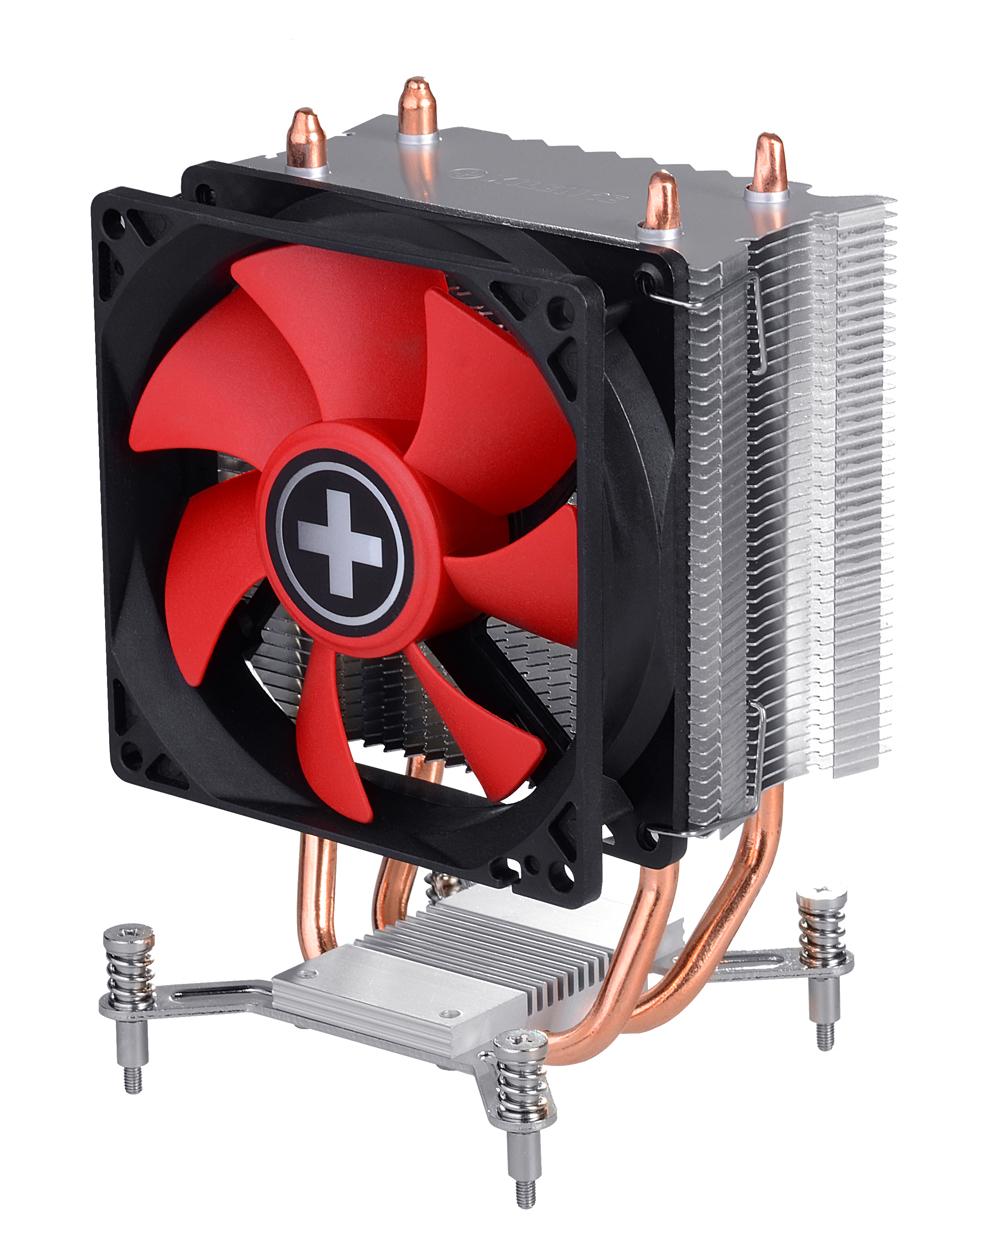 XILENCE CPU cooler 2HP Cooler Intel // I402, Performance C, LGA 1150/1155/1156, 14.0 - 23.8 dB(A), 92 x 92 x 25mm, PWM